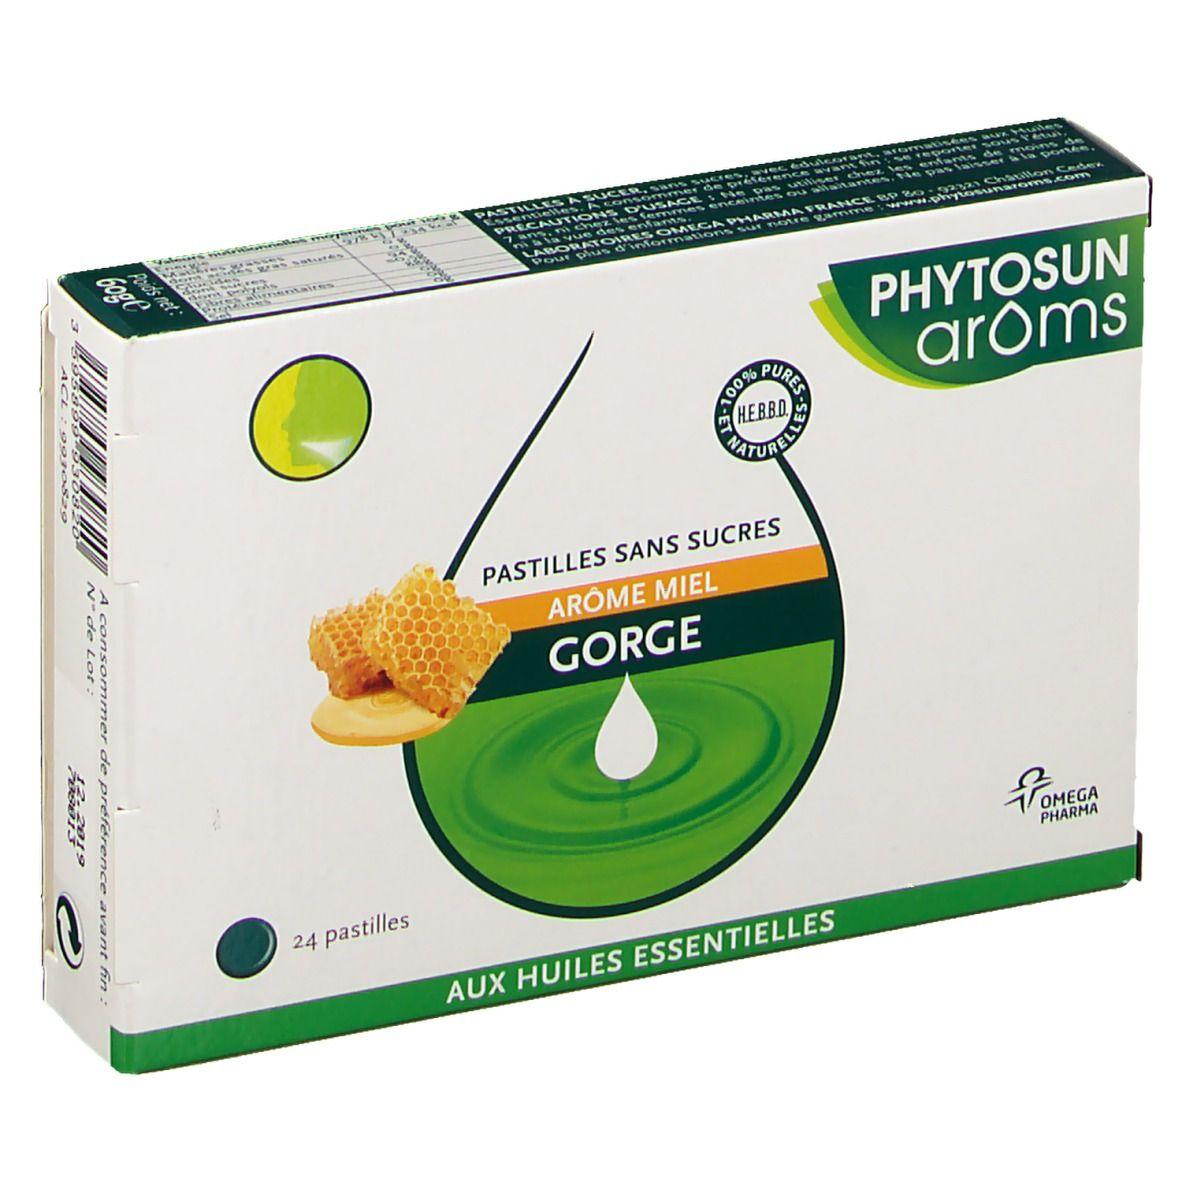 Phytosun arôms Phytosun Aroms Pastilles au miel sans sucre pc(s) pastille(s)